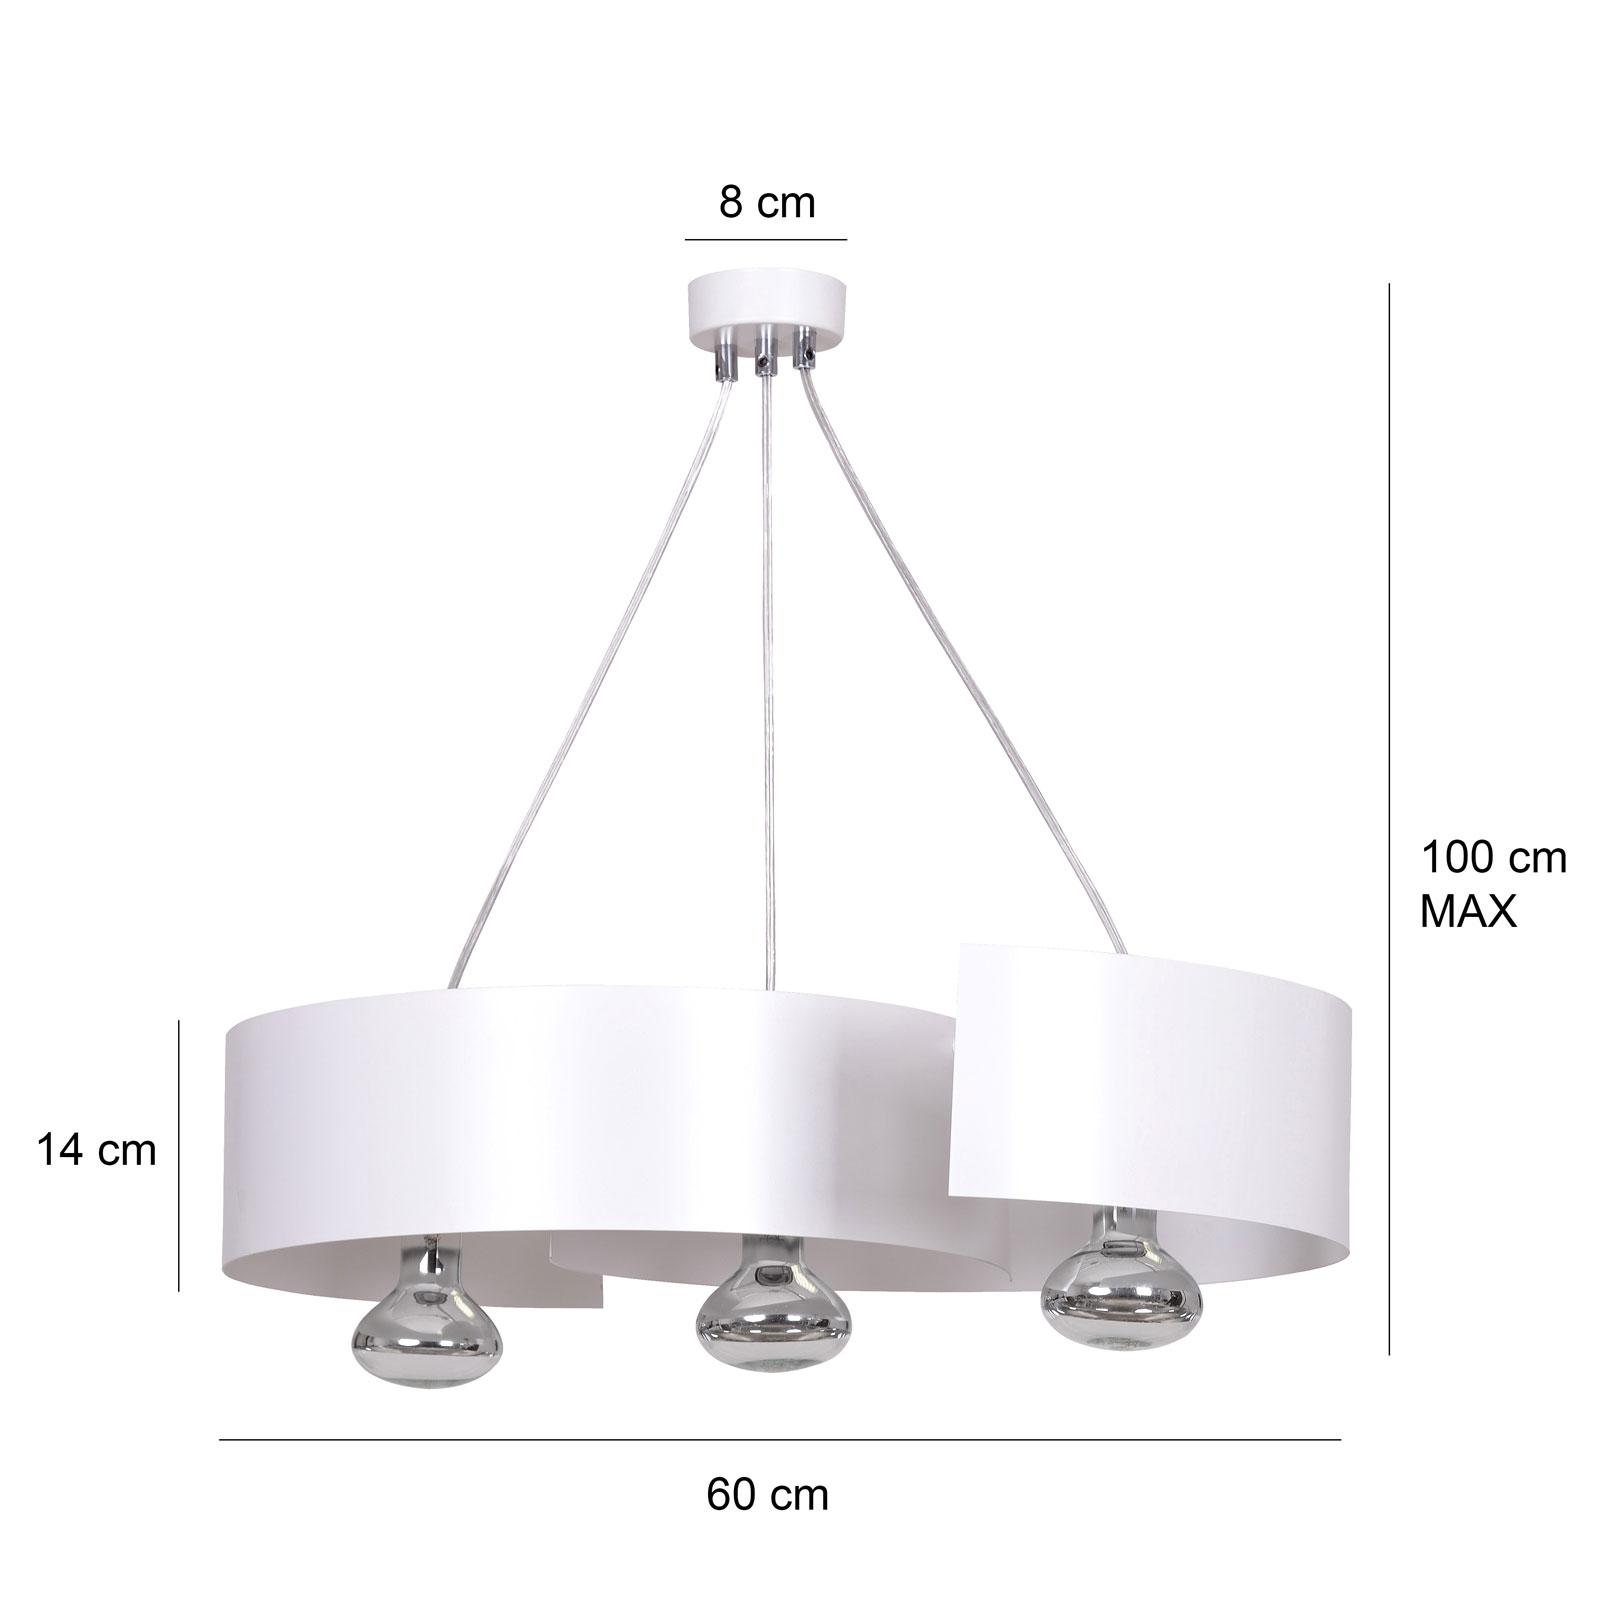 Lampa wisząca Vixon 3, 3-punktowa, biała